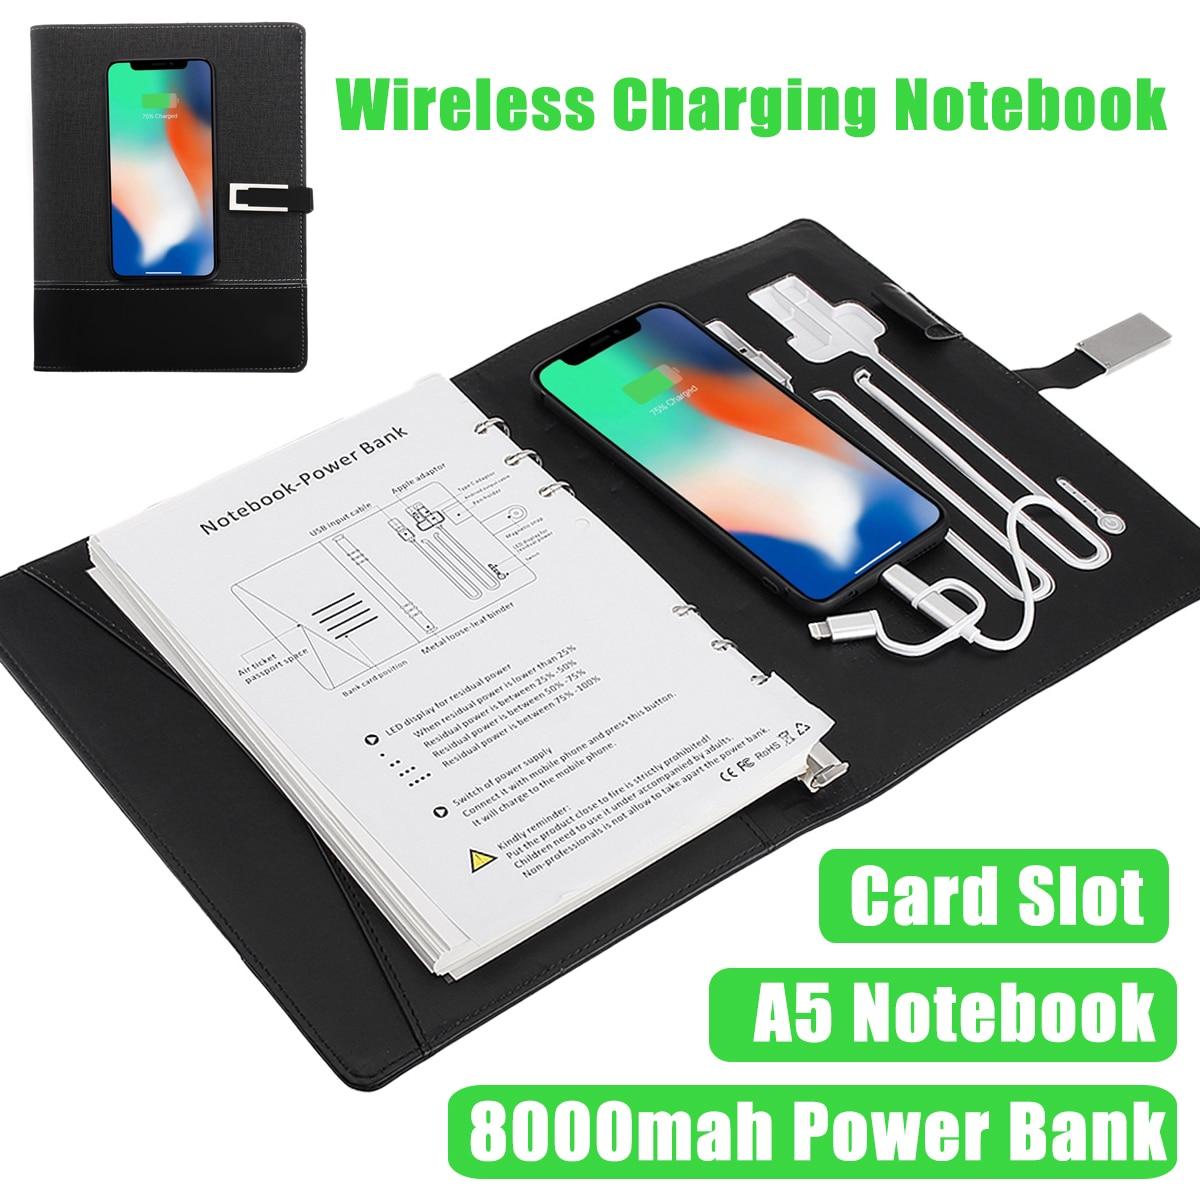 Power Bank Notebook Multi Funktionale Notebook mit 8000 mah Power Bank Qi Drahtlose Aufladen Hinweis Buch Bindemittel Spirale Tagebuch Buch